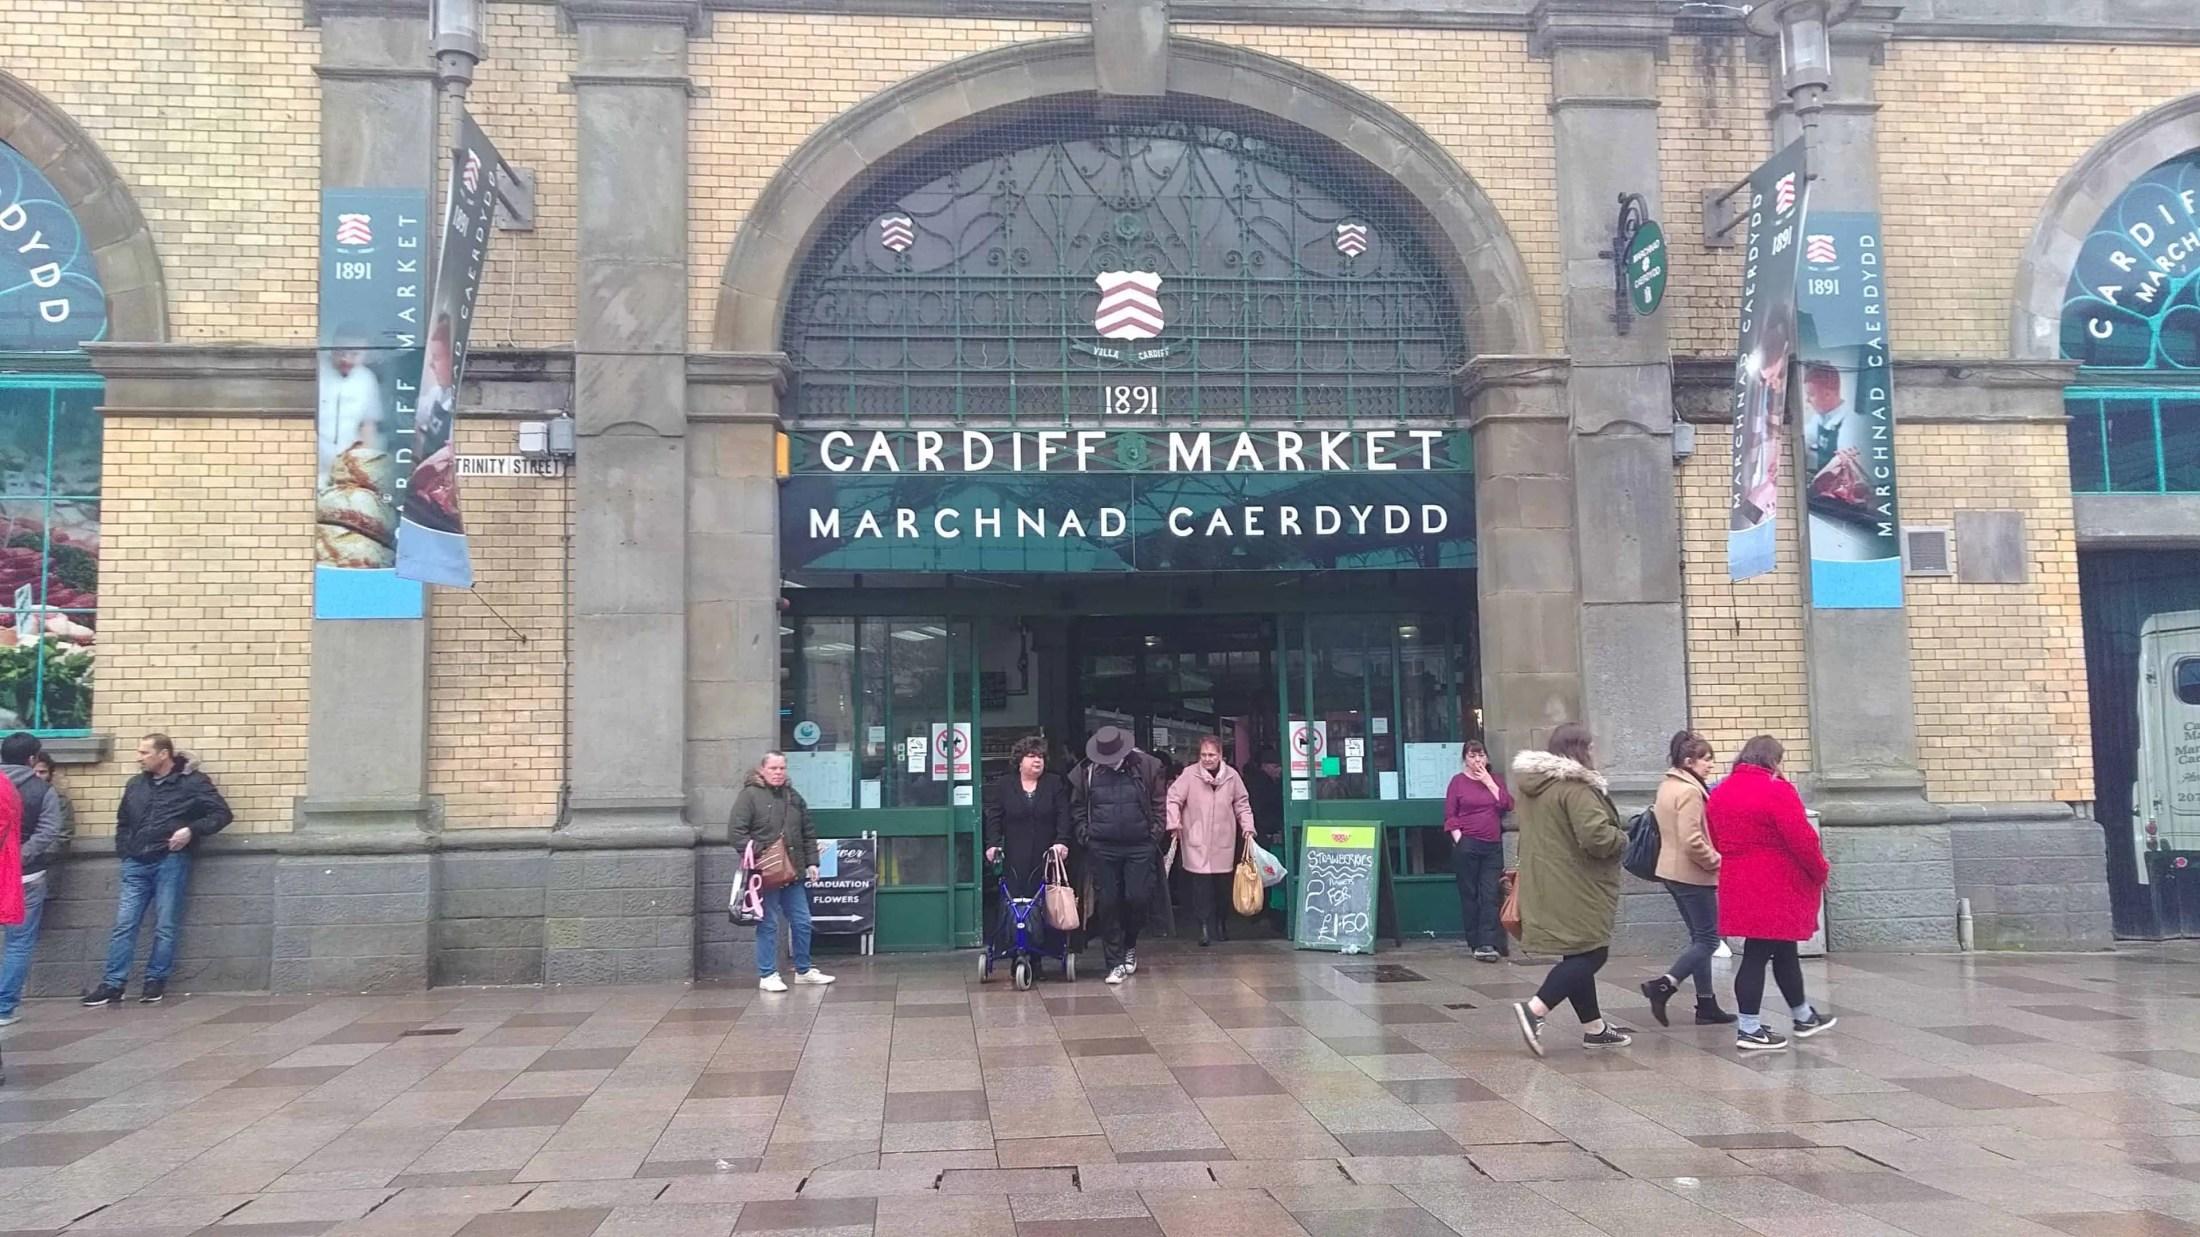 Cardiff-Wales-Cardiff-Indoor-Market